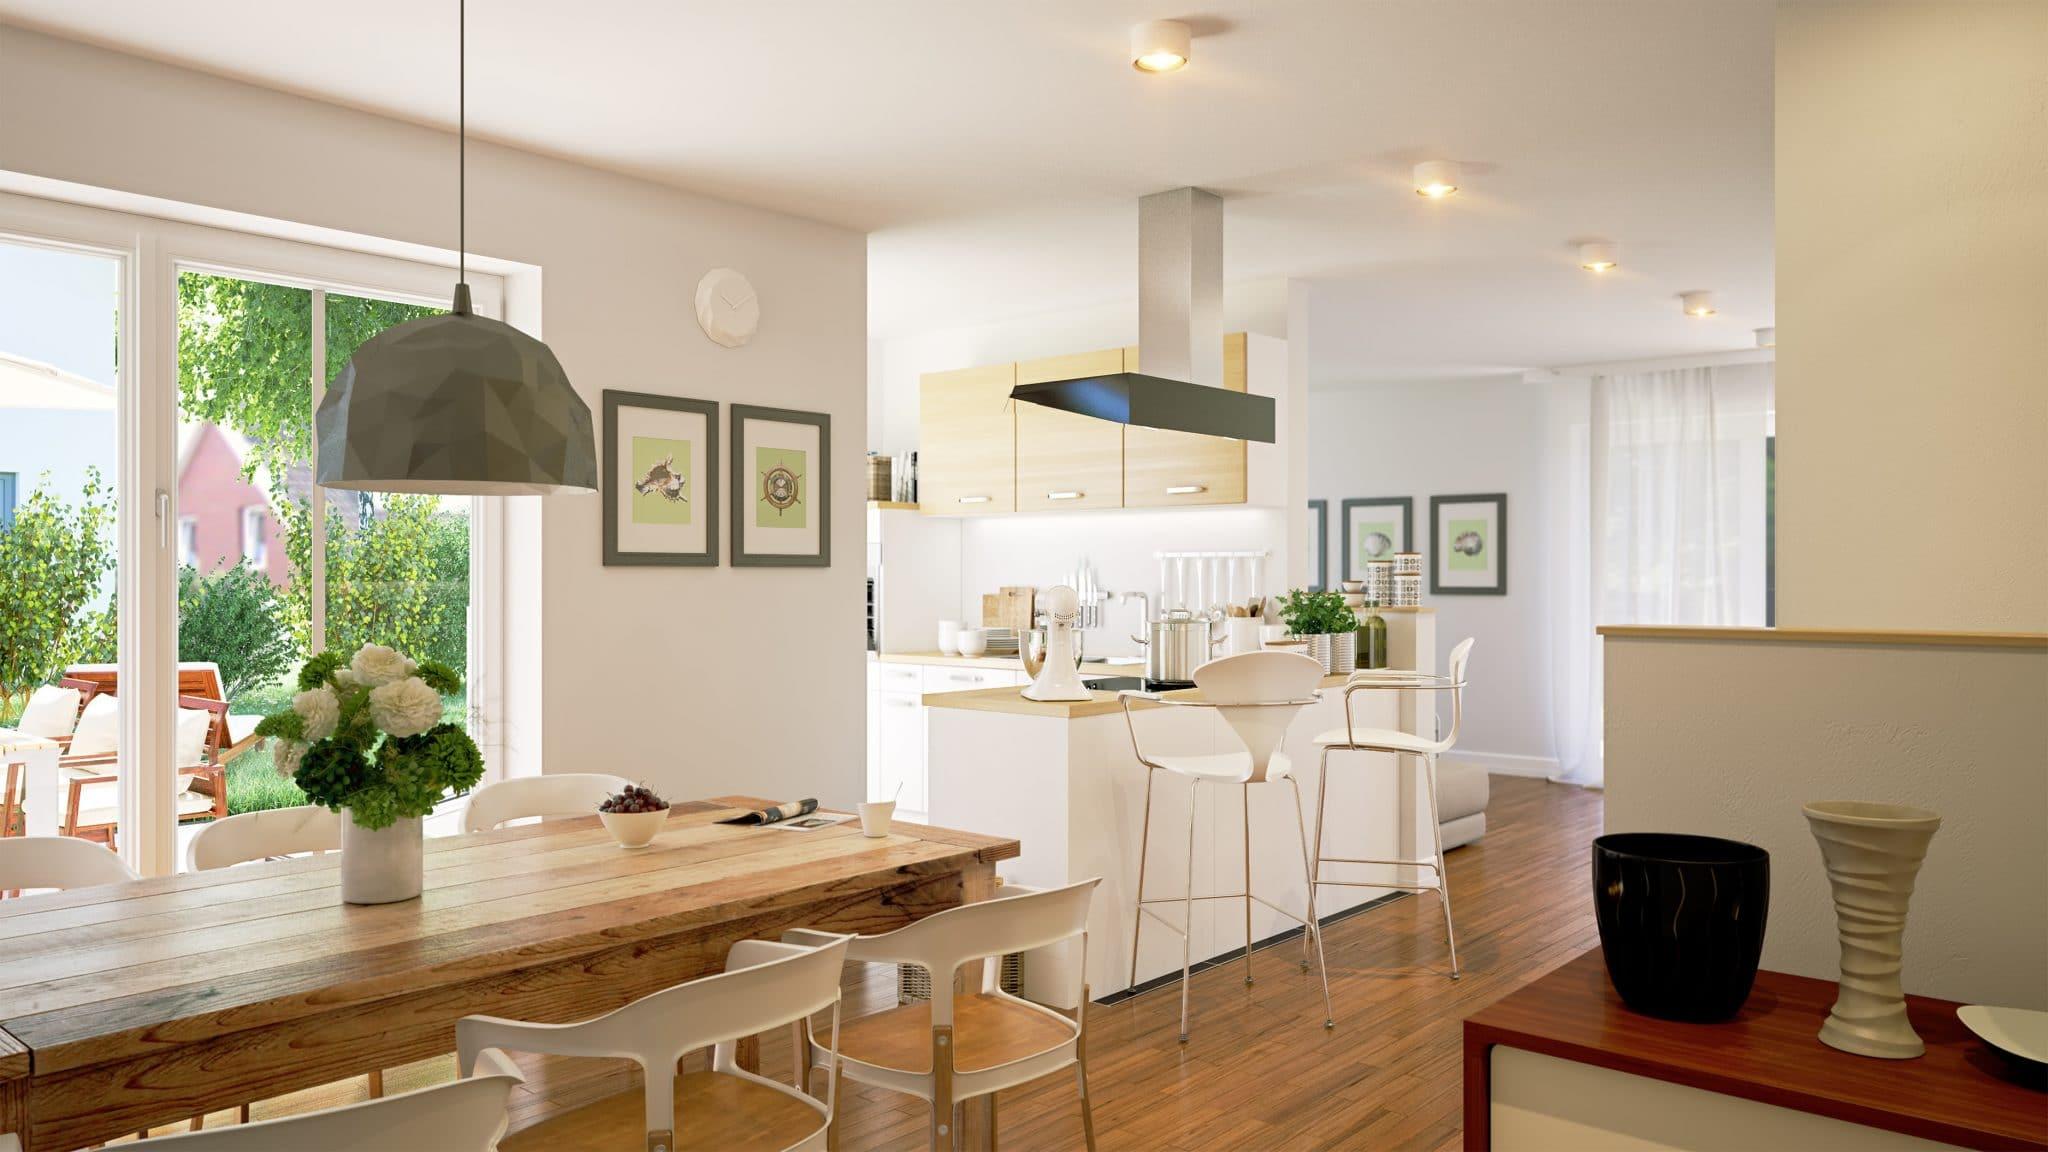 Rénovation d'appartement à Amiens (80)